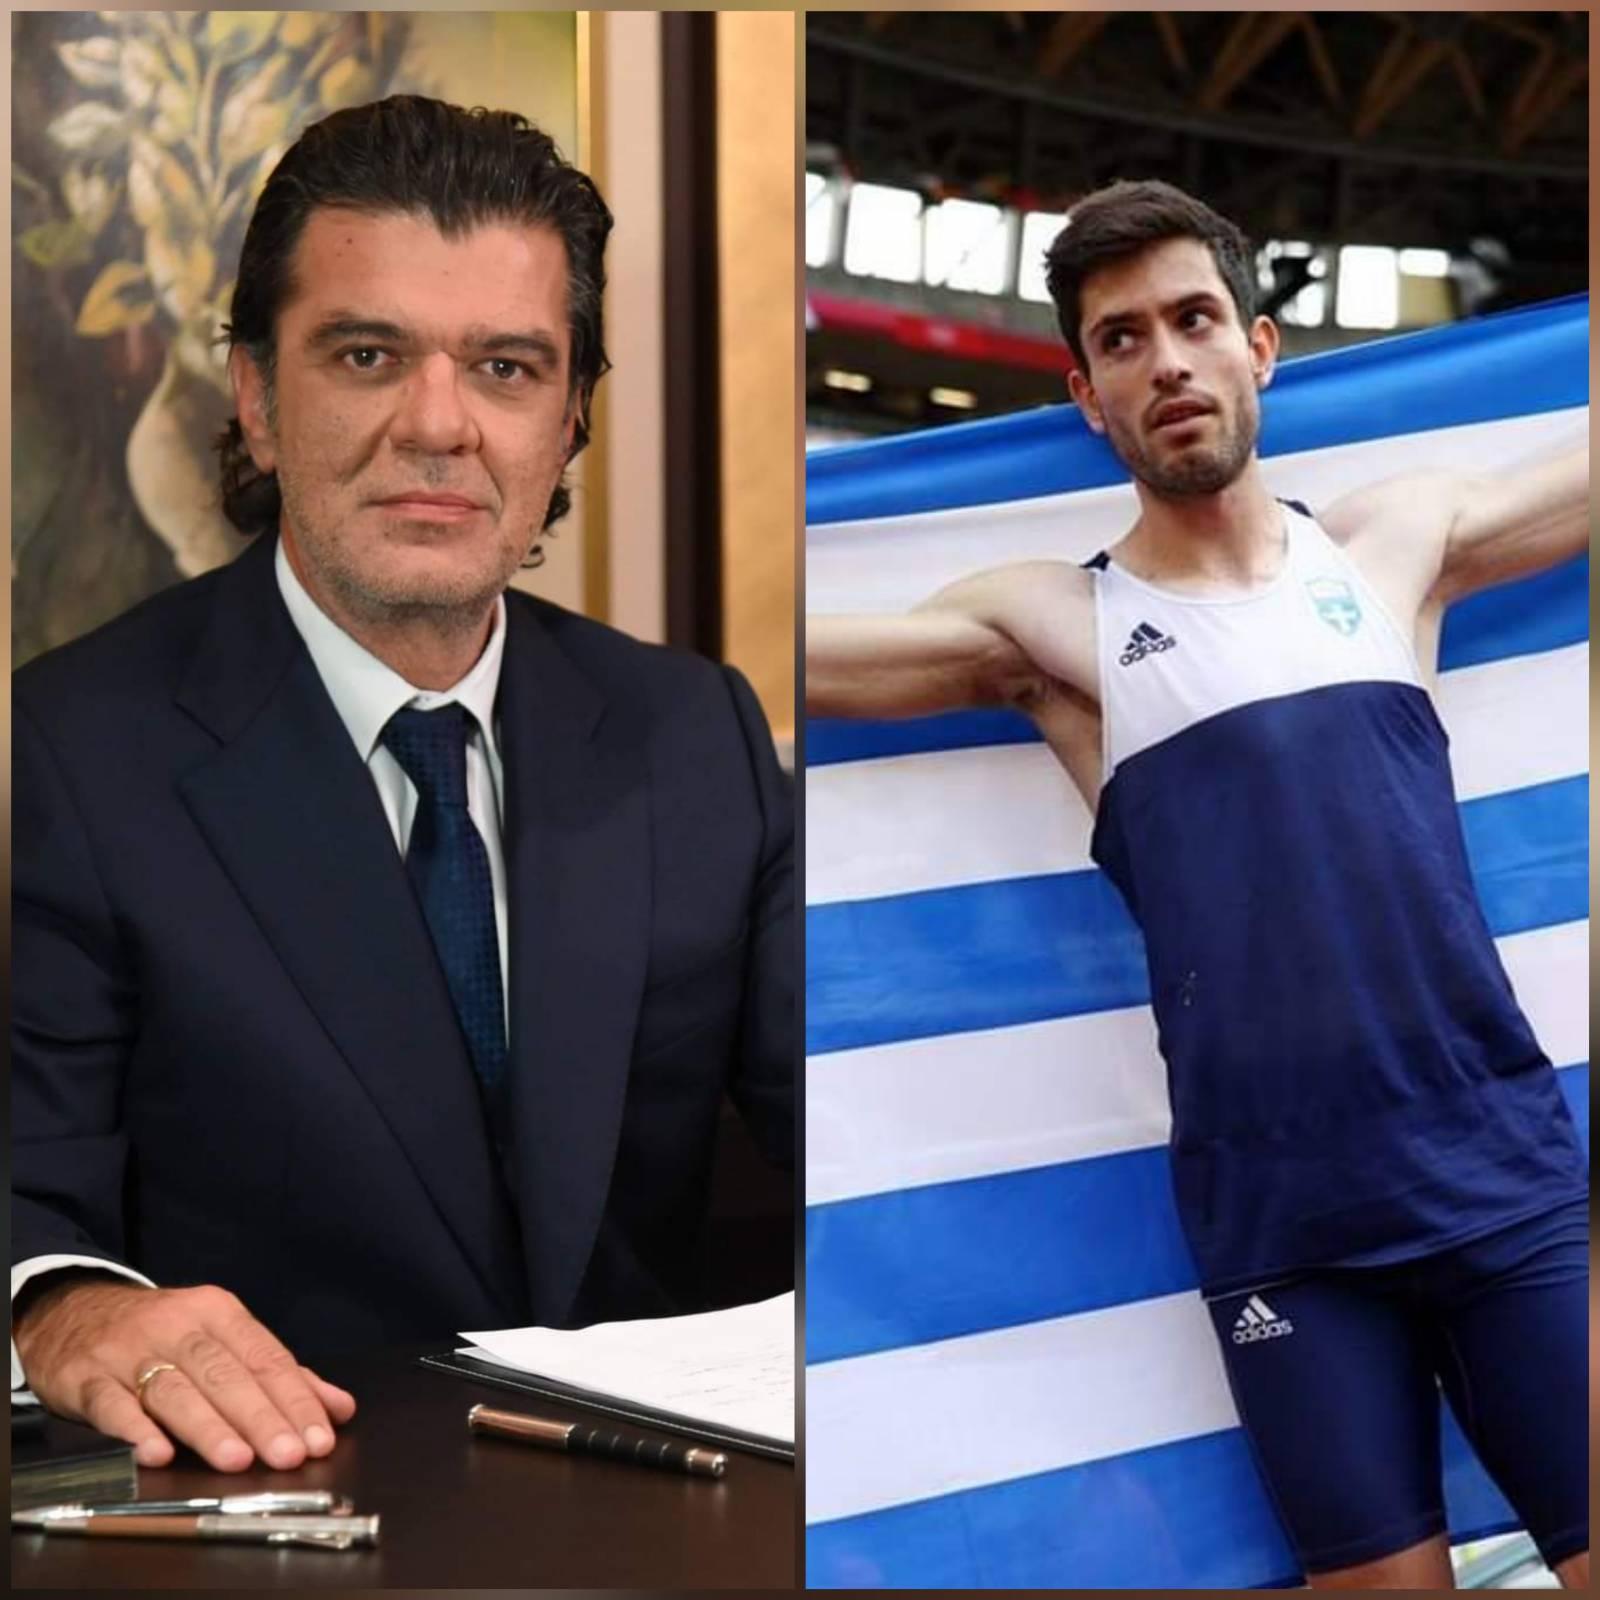 Συγχαρητήρια του Γρεβενιώτη Βουλευτή Α. Πάτση στον «χρυσό» Ολυμπιονίκη Μίλτο Τεντόγλου